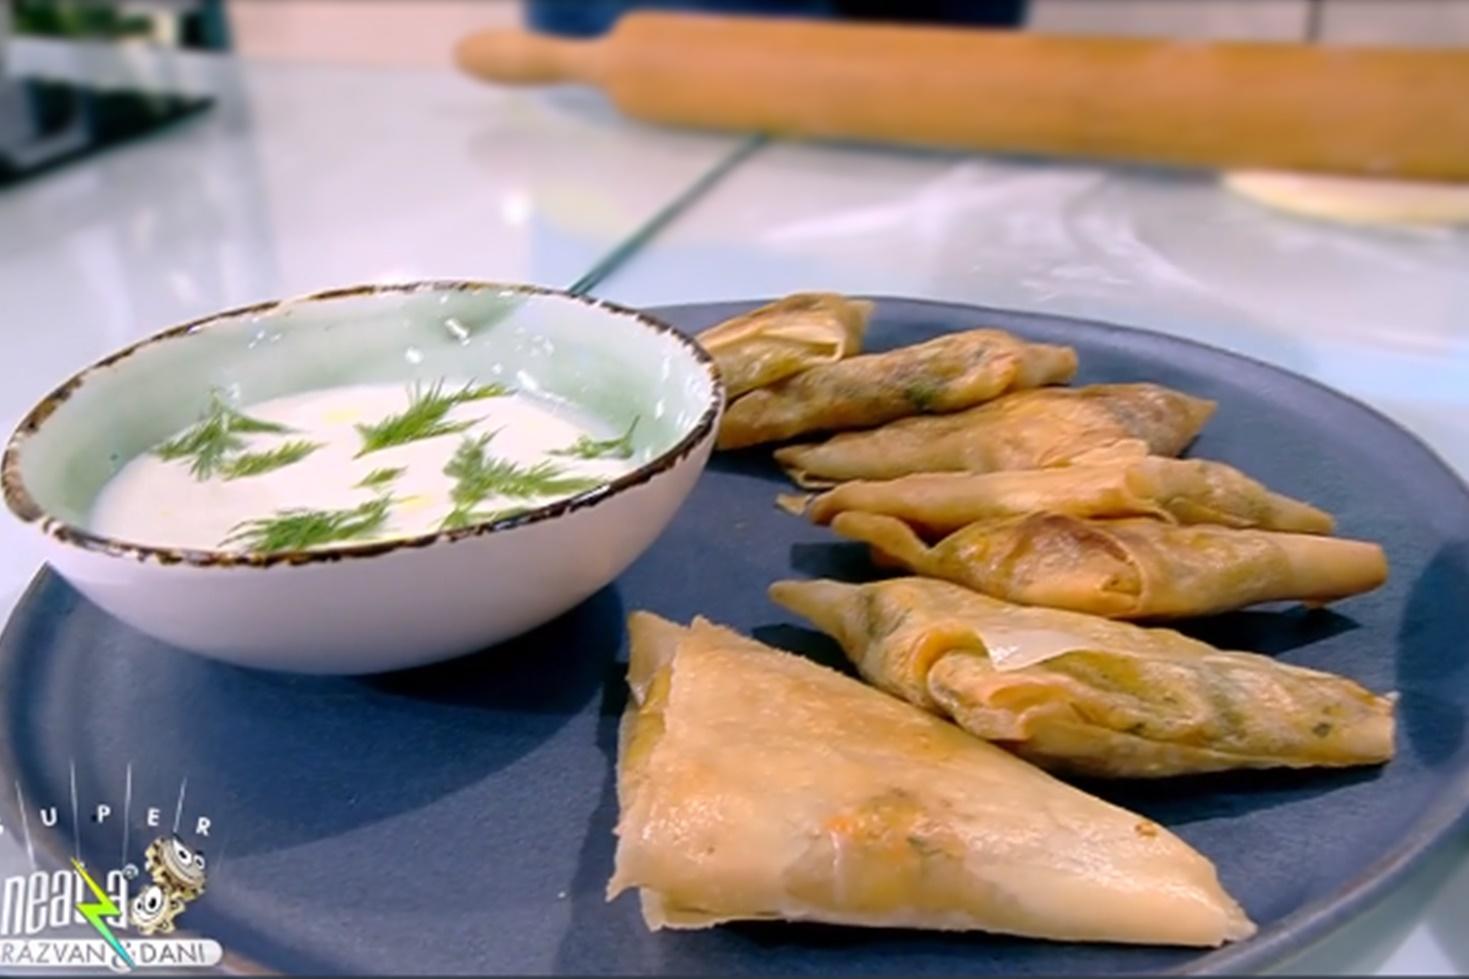 Rețetă de pachețele cu picioci de cartofi și sos de iaurt, preparată de Chef Nicolai Tand la Super Neatza